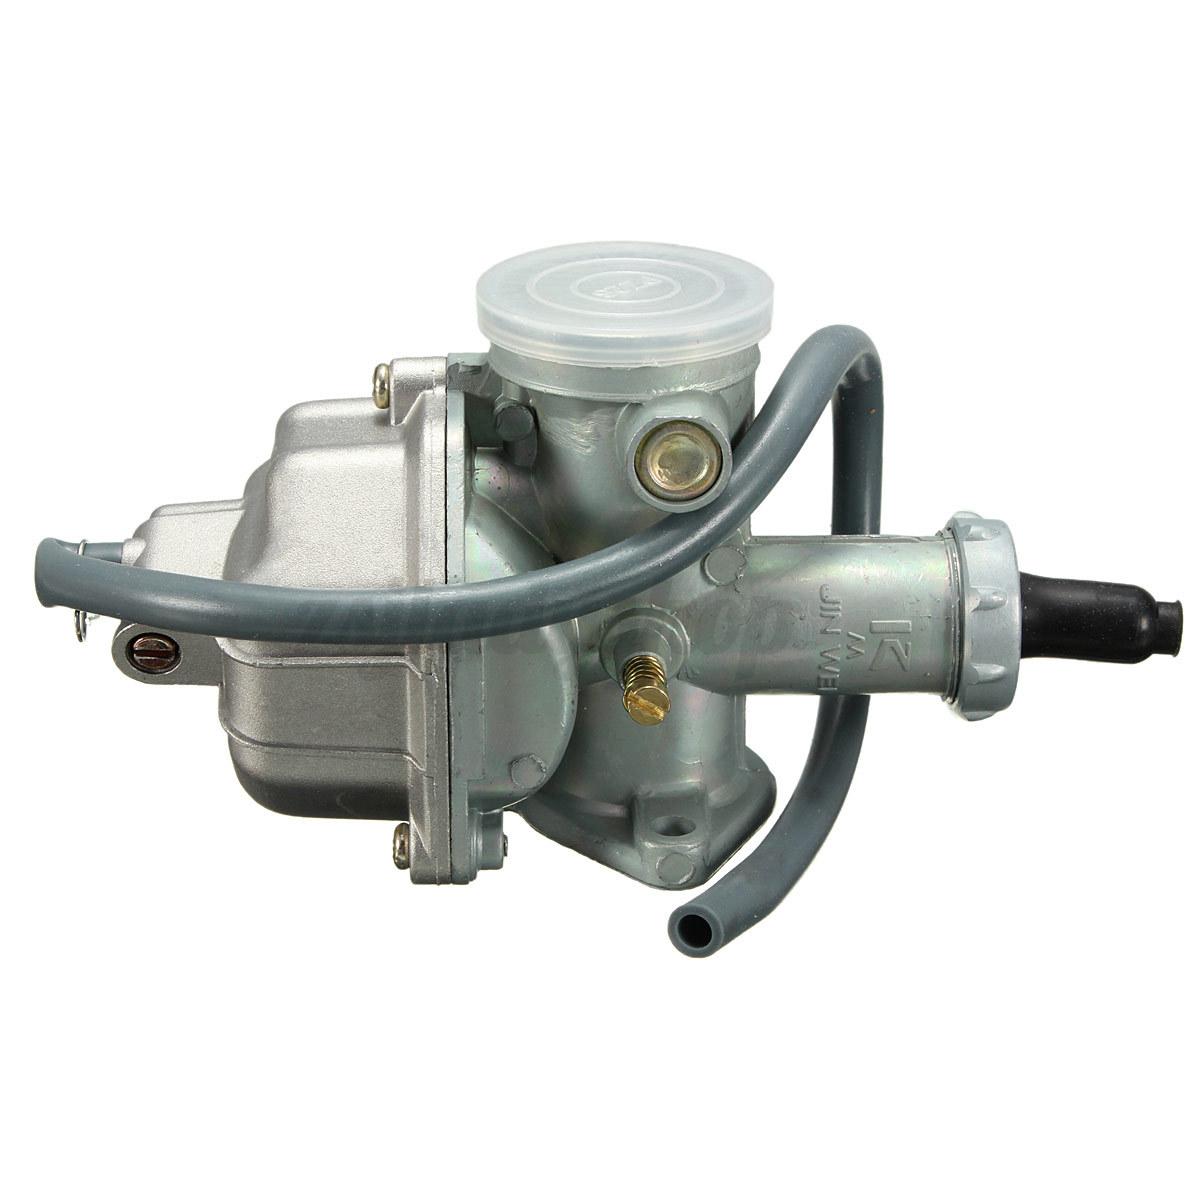 Carburetor Air Intake : Mm air intake carburetor carburettor carb for honda